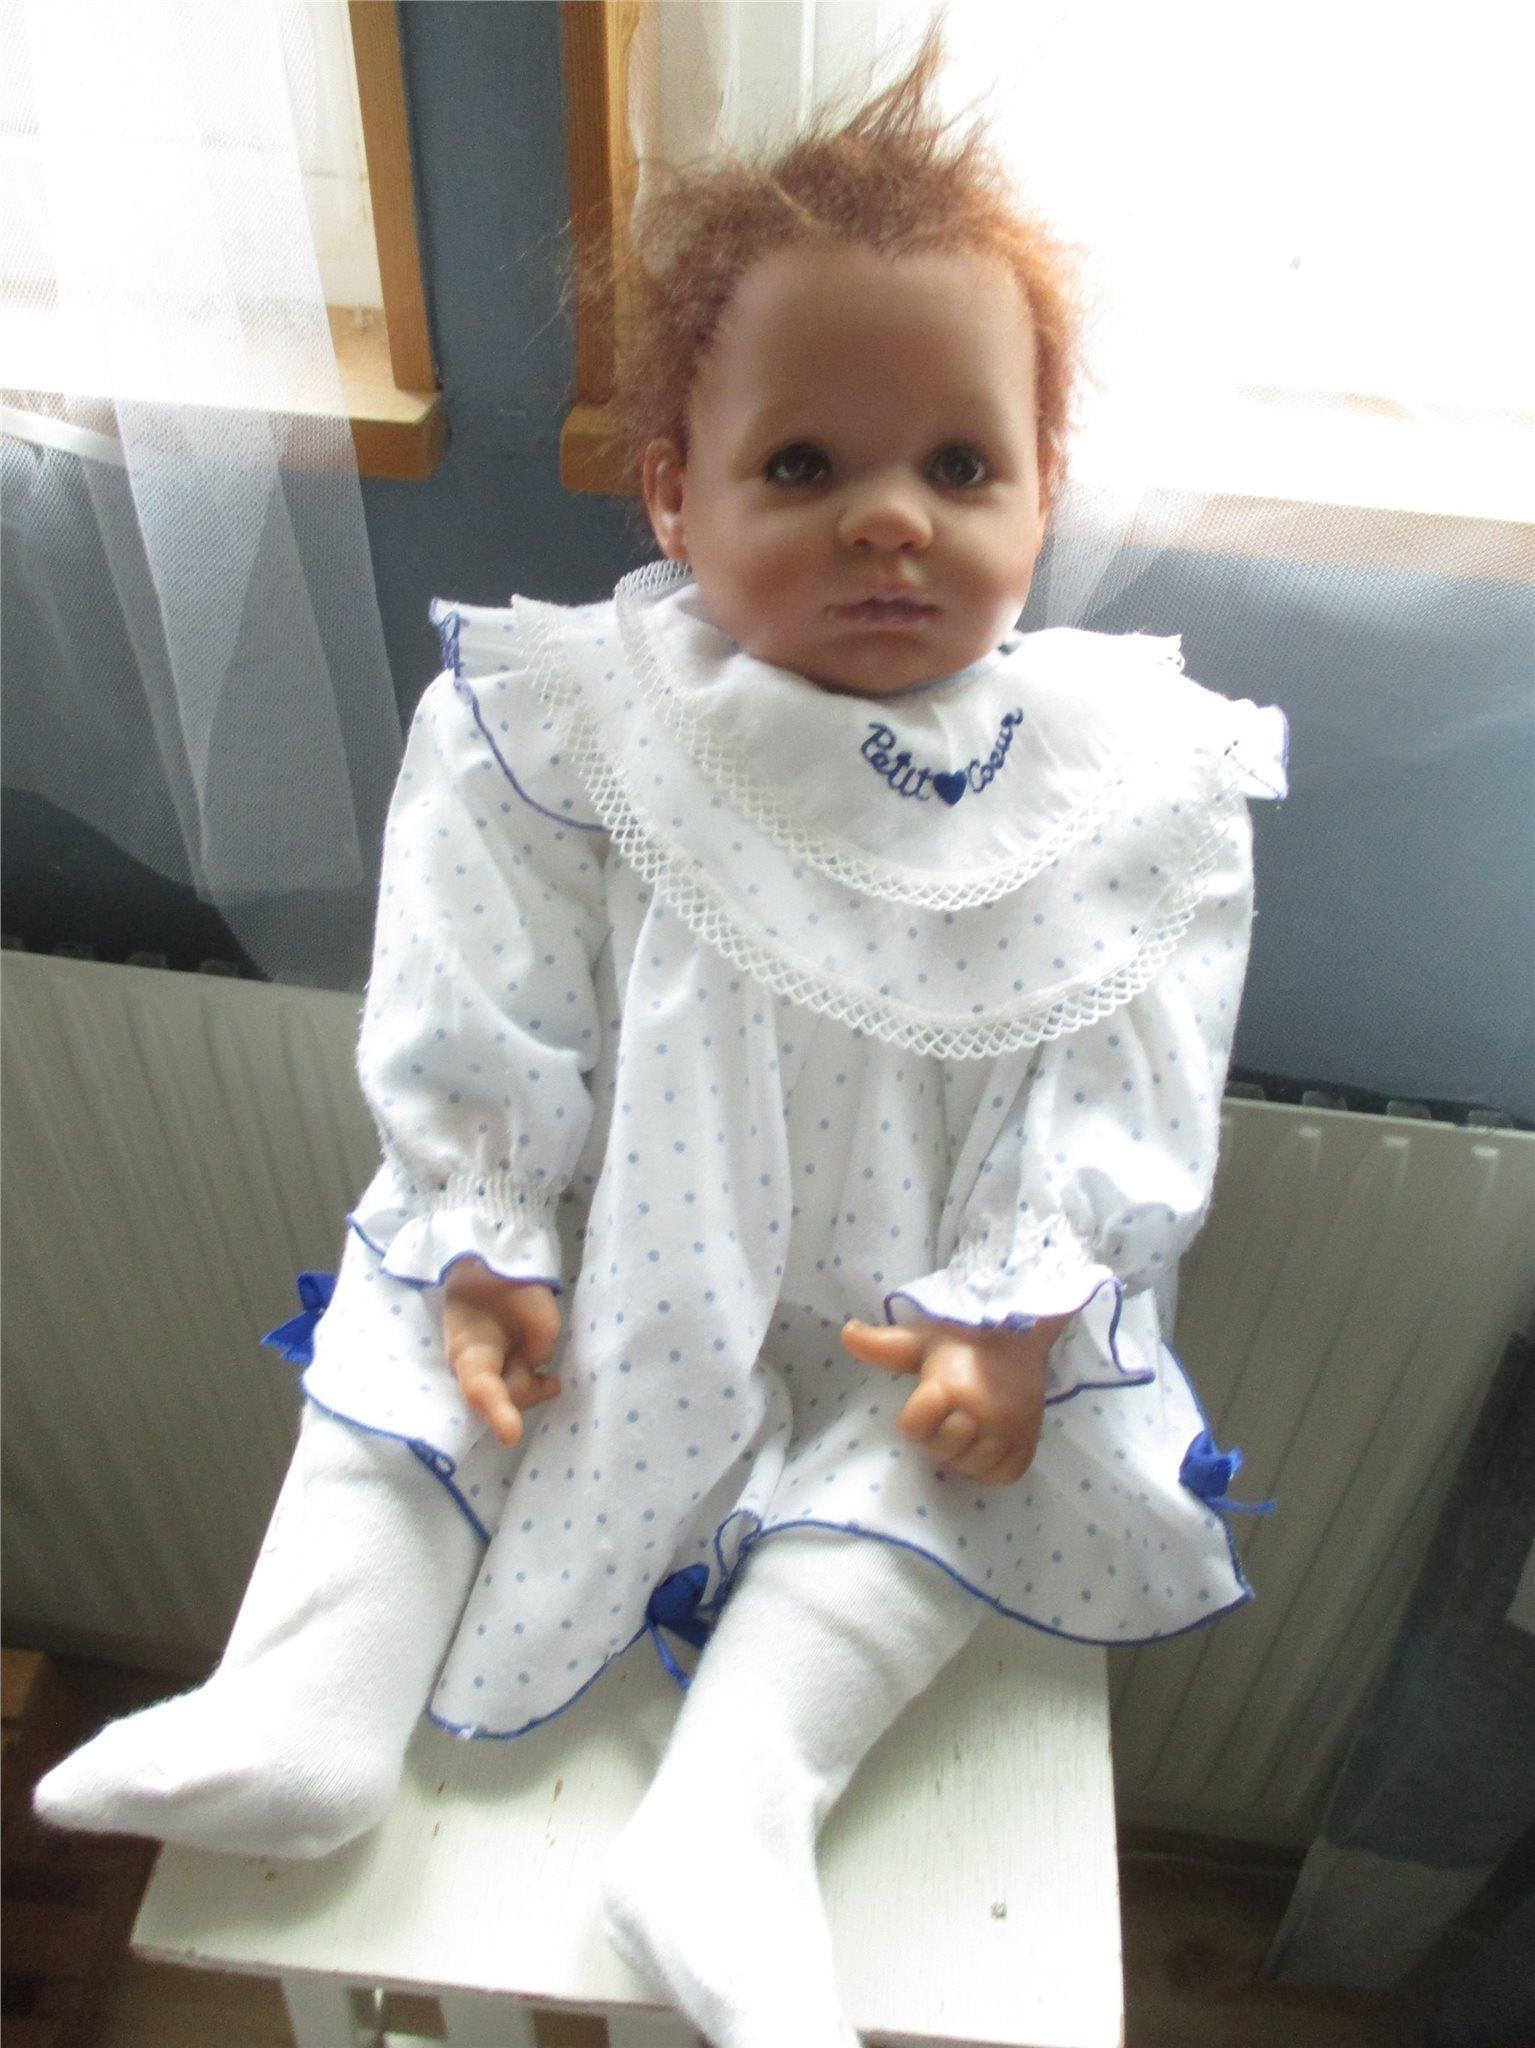 Underbart söt reborn baby Hilma Christina med certifikat från